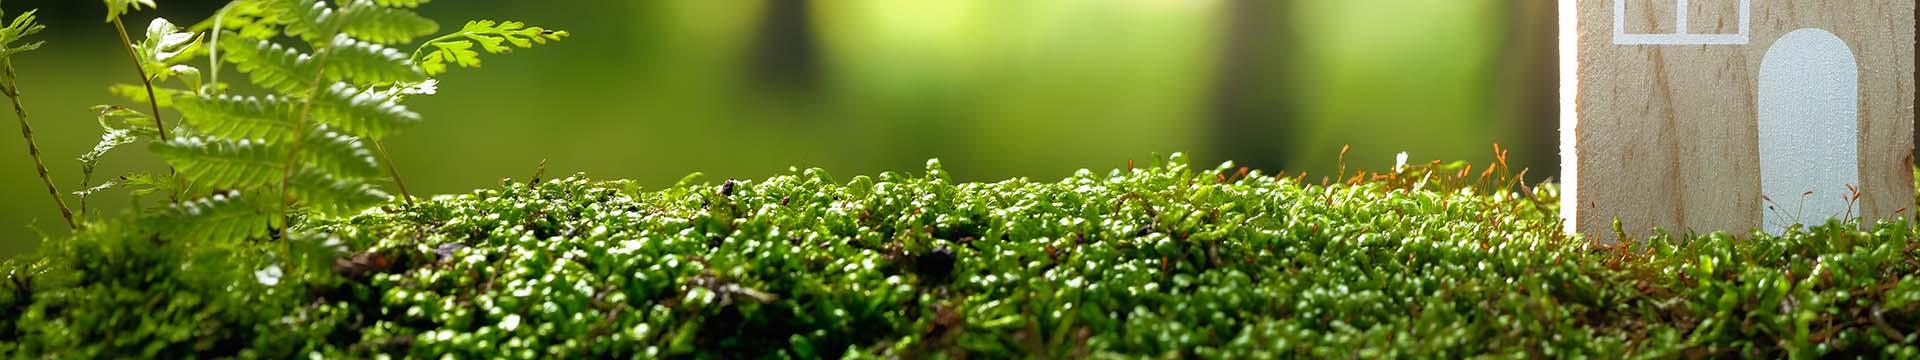 Quando il parquet diventa aromaterapia: terpeni, gli aromi del benessere